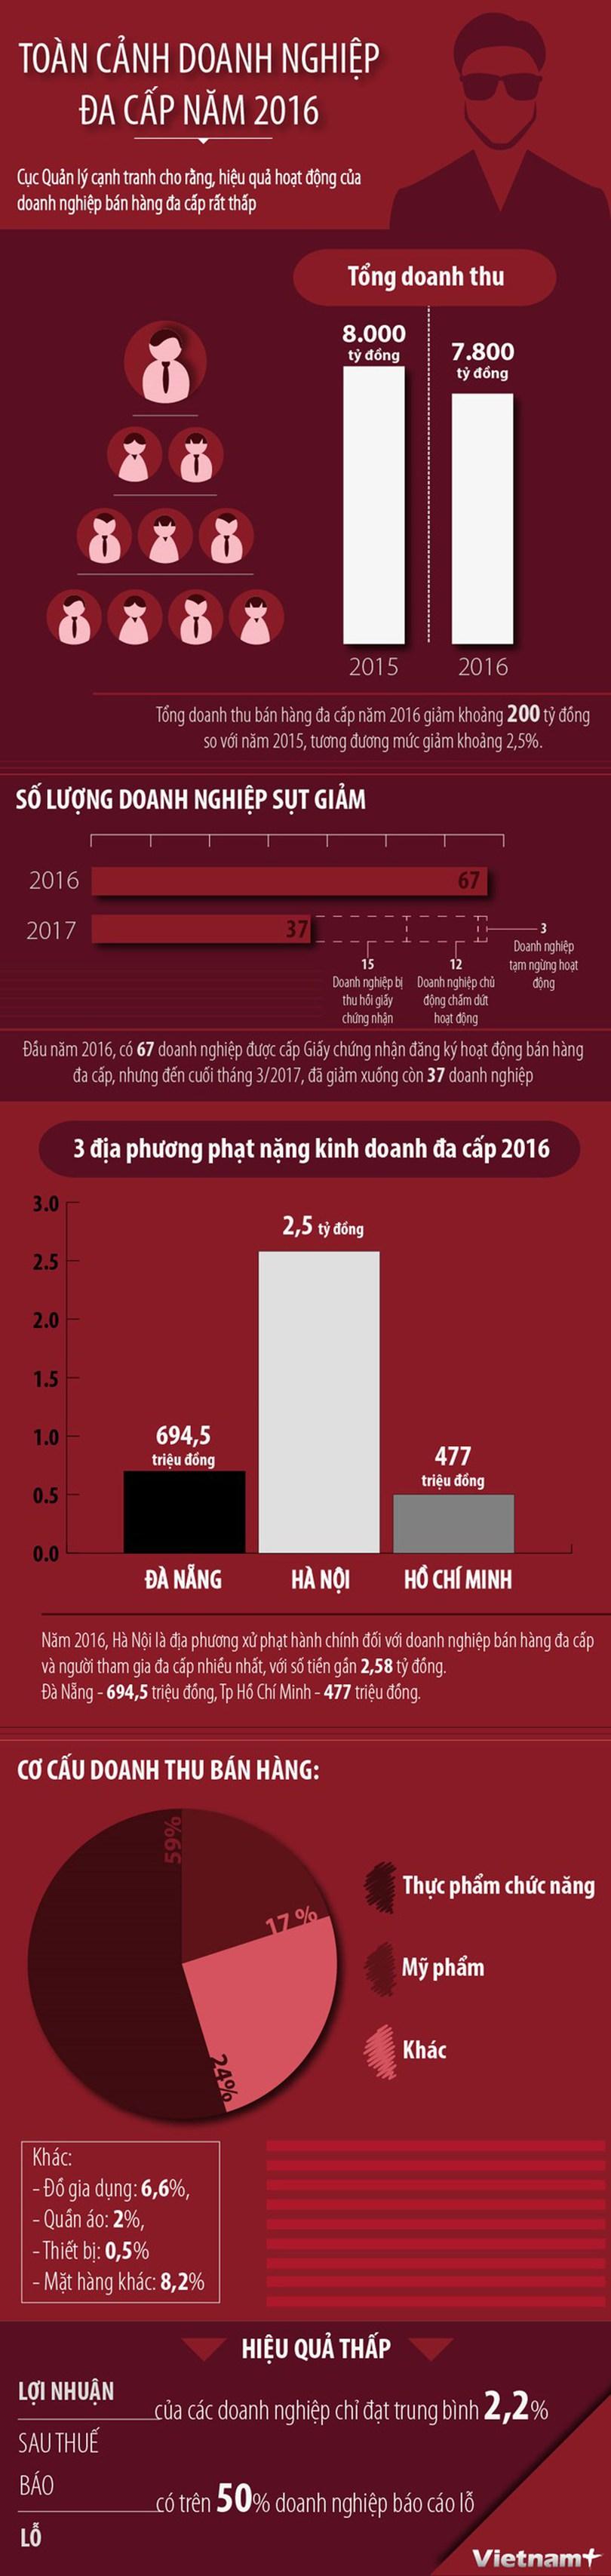 [Infographics] Bức tranh toàn cảnh doanh nghiệp đa cấp năm 2016